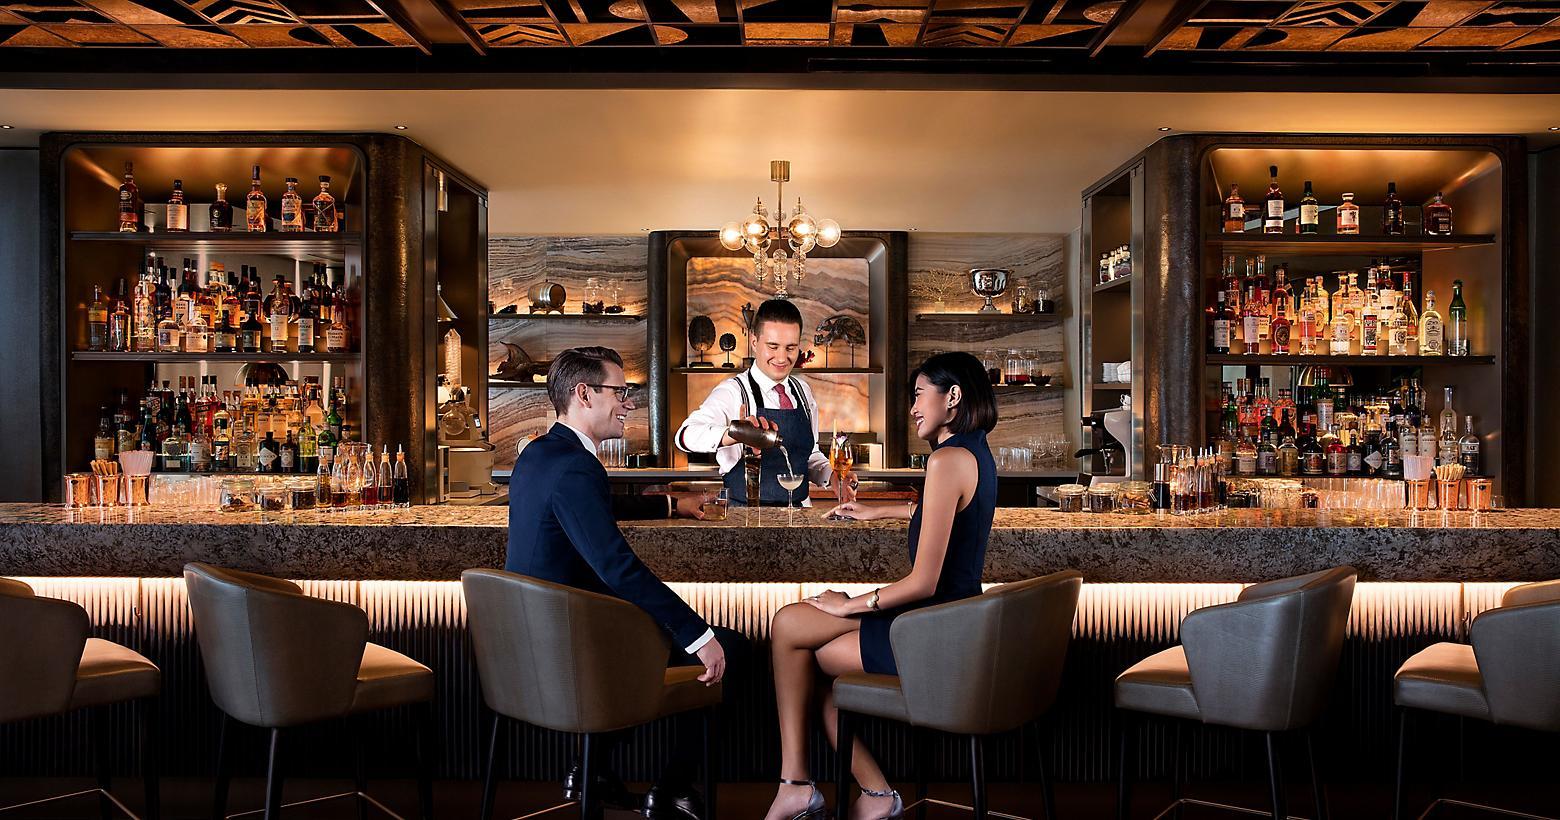 http://images.getcardable.com/sg/images/es/mo-bar-mandarin-oriental-singapore.